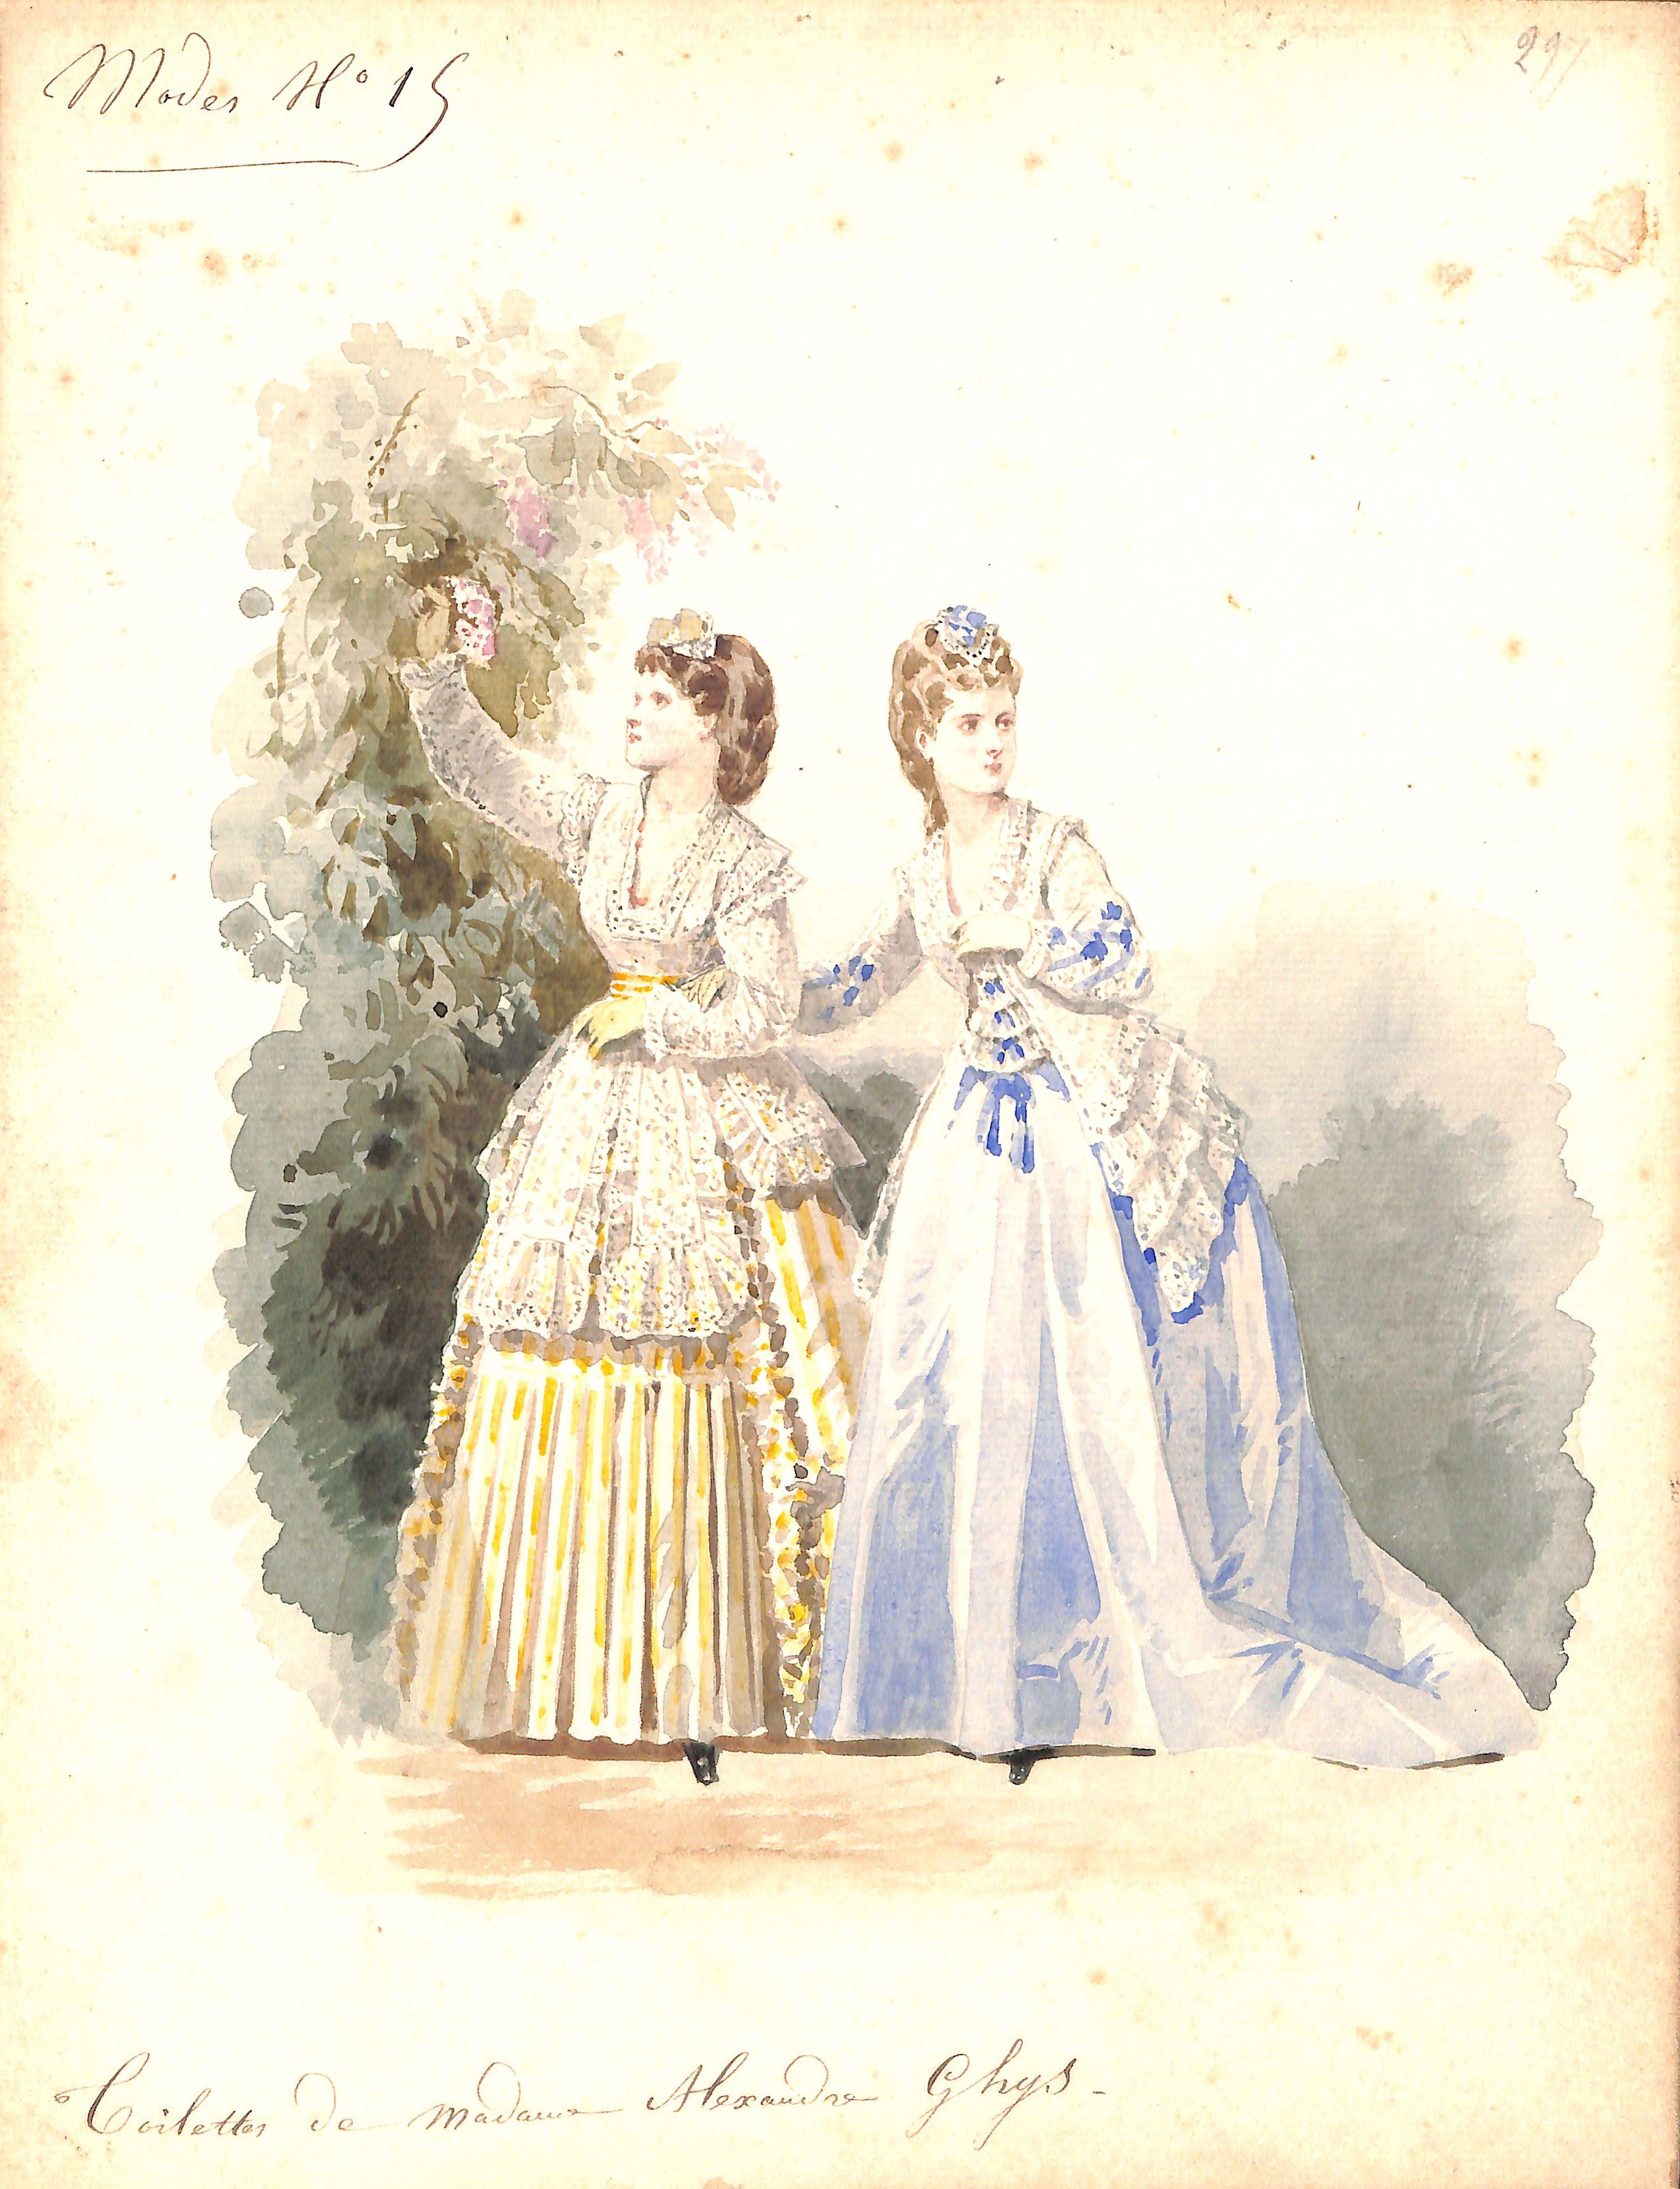 Toilettes de Madame Alexandre Ghys - Mode N°15 - couturière en activité de 1858 à 1878 - MAS Estampes Anciennes - Antique Prints since 1898